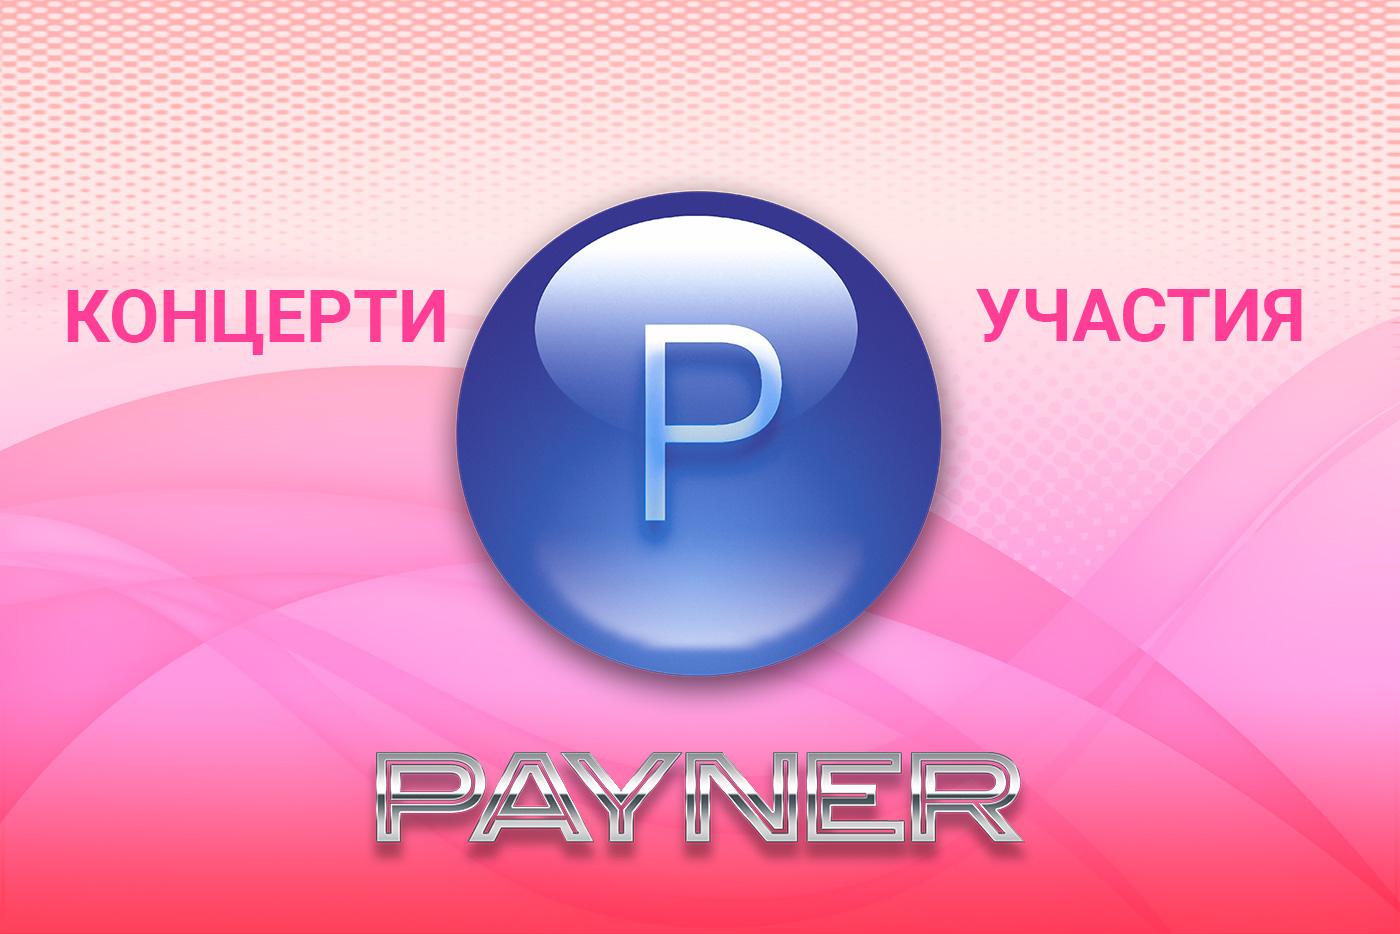 """Участия на звездите на """"Пайнер"""" на 06.11.2018"""